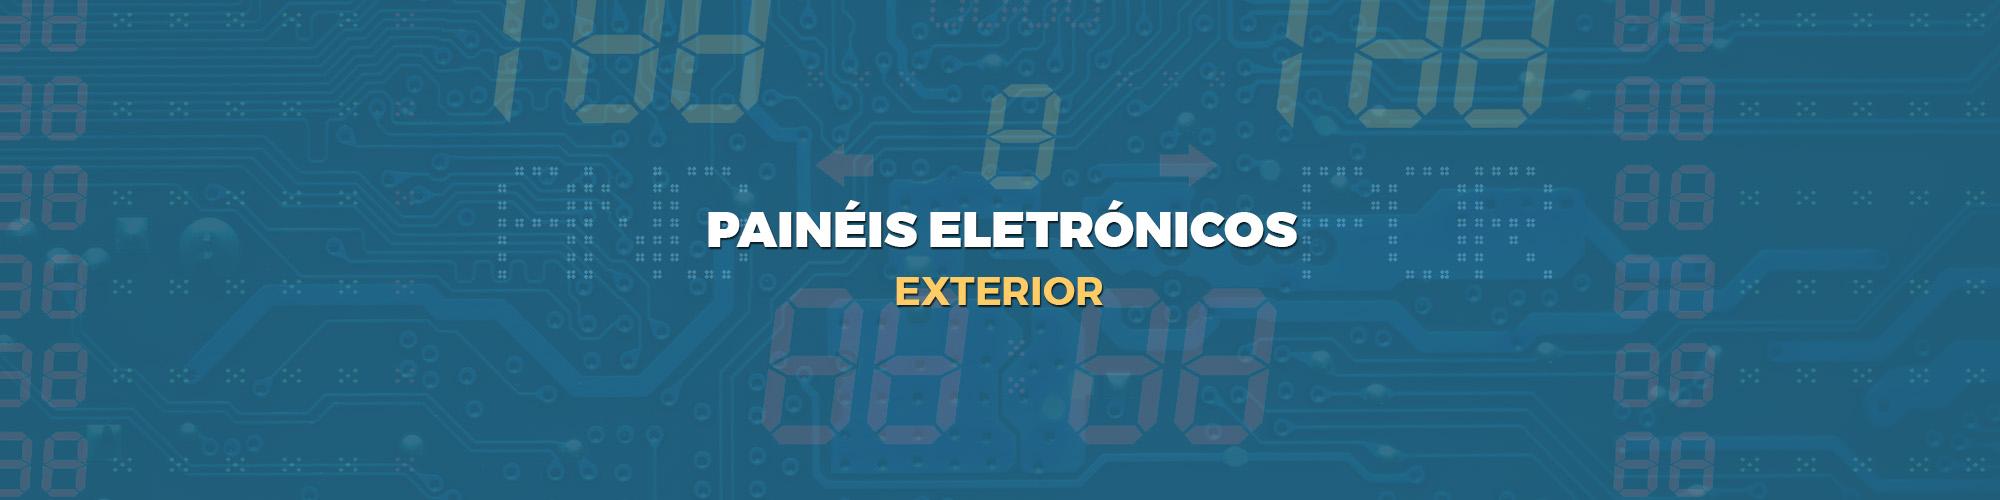 PAINÉIS ELETRÓNICOS EXTERIOR